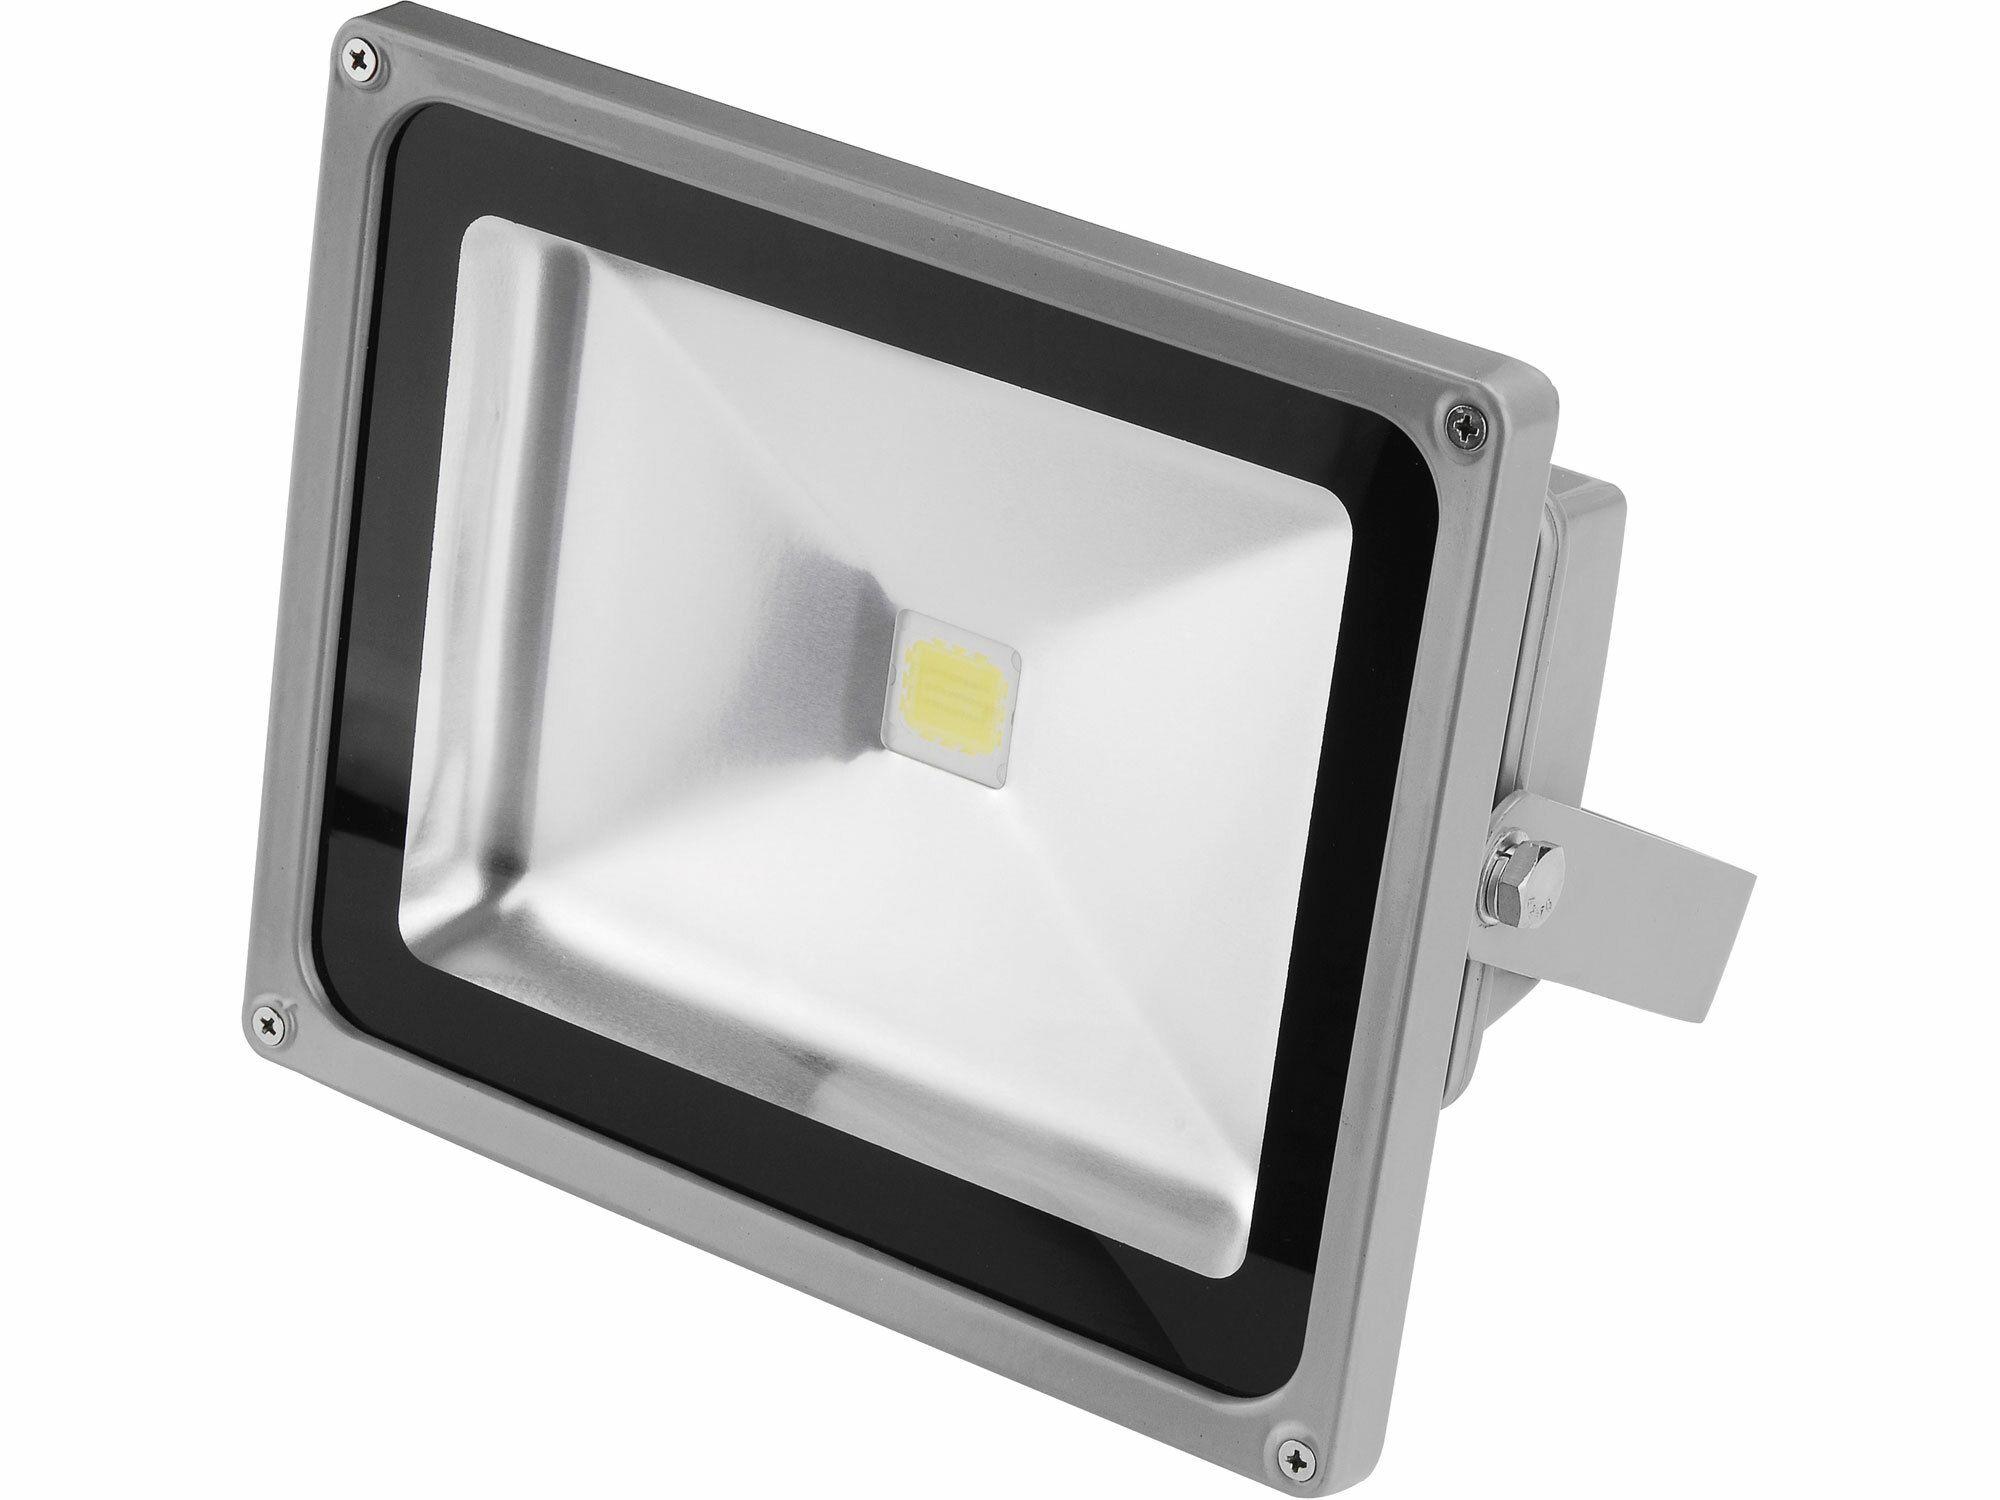 Světlo LED halogenové, 20W, odpovídá svítivosti 100W klasické žárovky, EXTOL PREMIUM